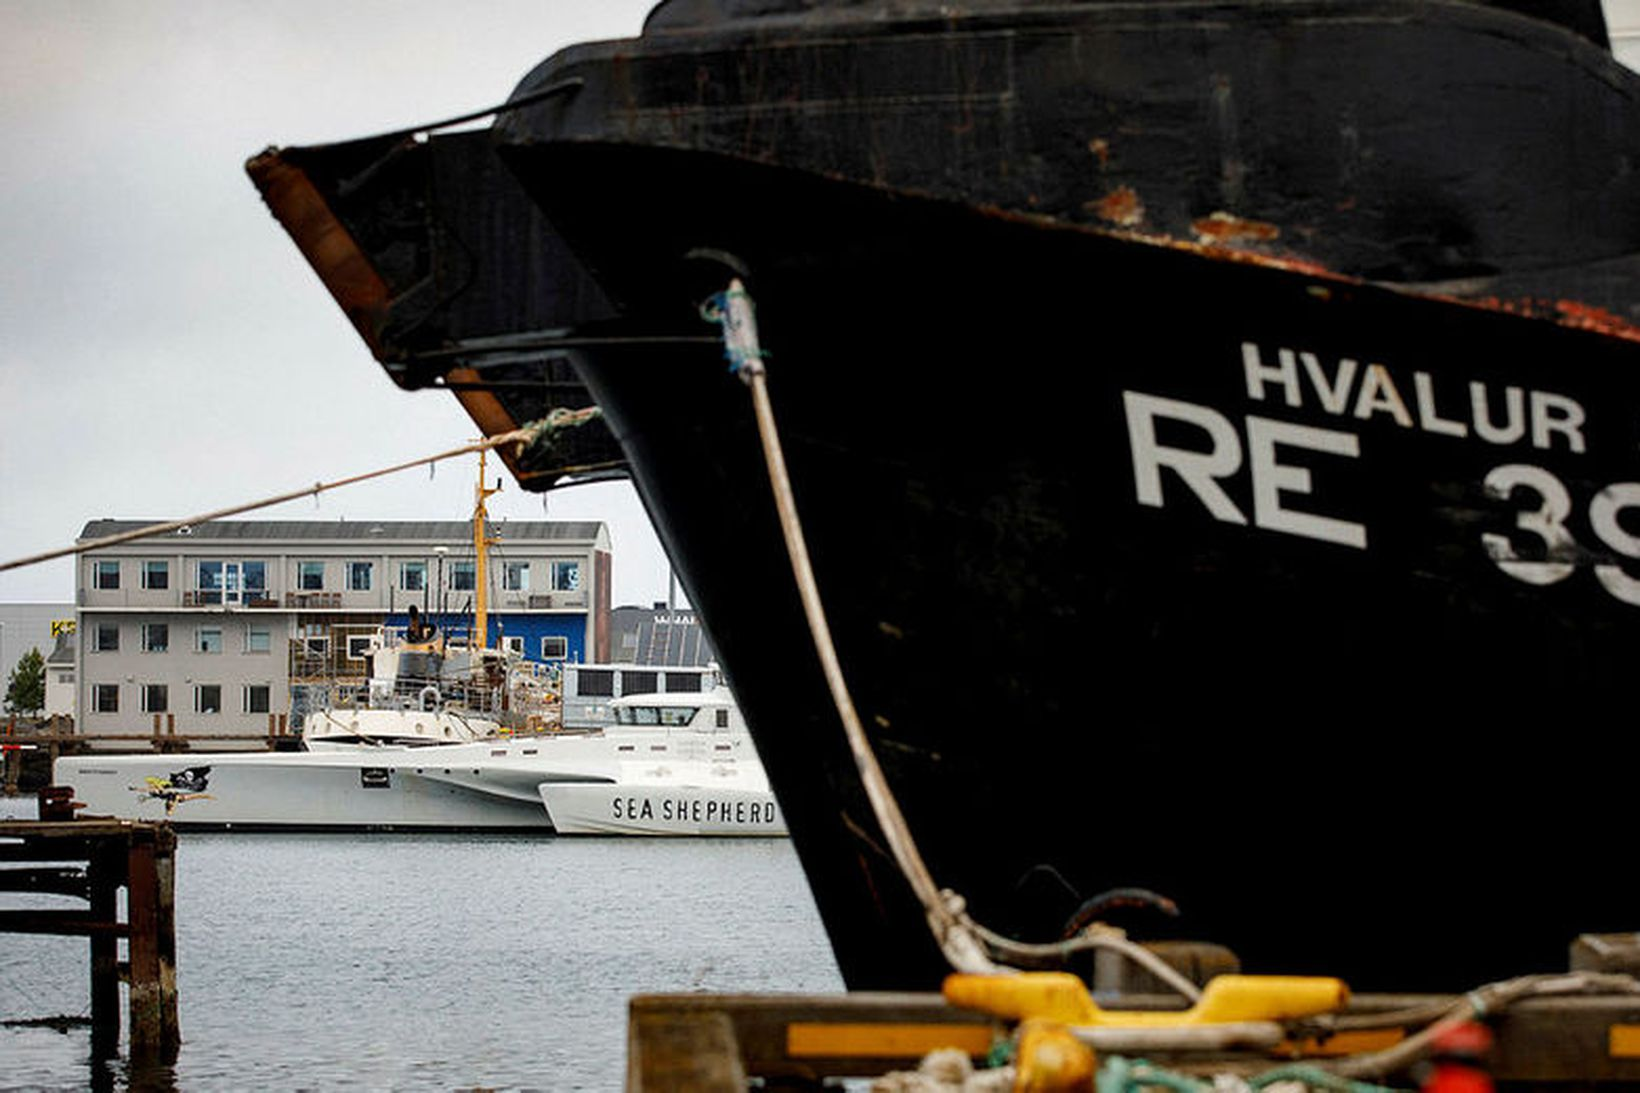 Hvalur 9, veiðiskip Hvals hf., liggur við bryggju í Reykjavíkurhöfn.